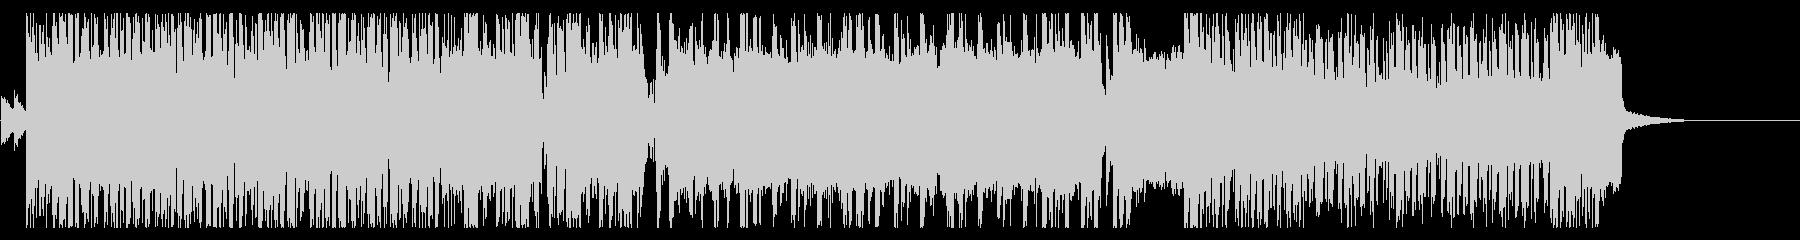 80年代風・王道スラッシュメタル Bの未再生の波形